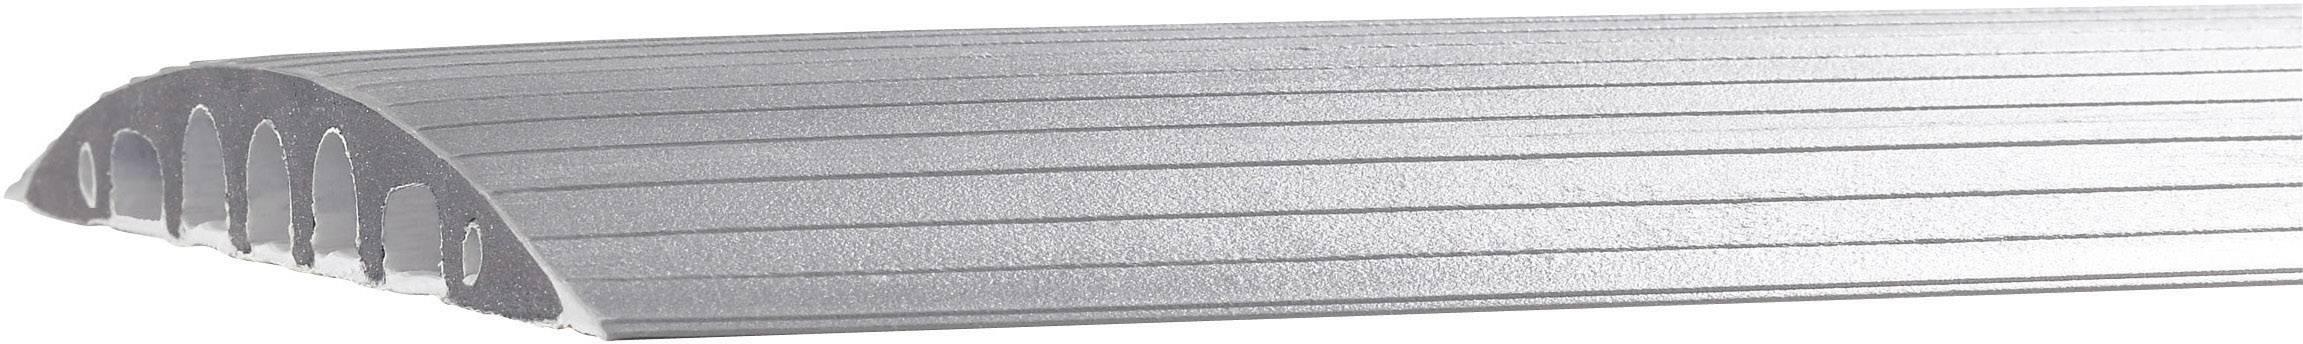 Kabelový můstek Serpa 5.01038.7043, 3 m x 150 mm, šedá